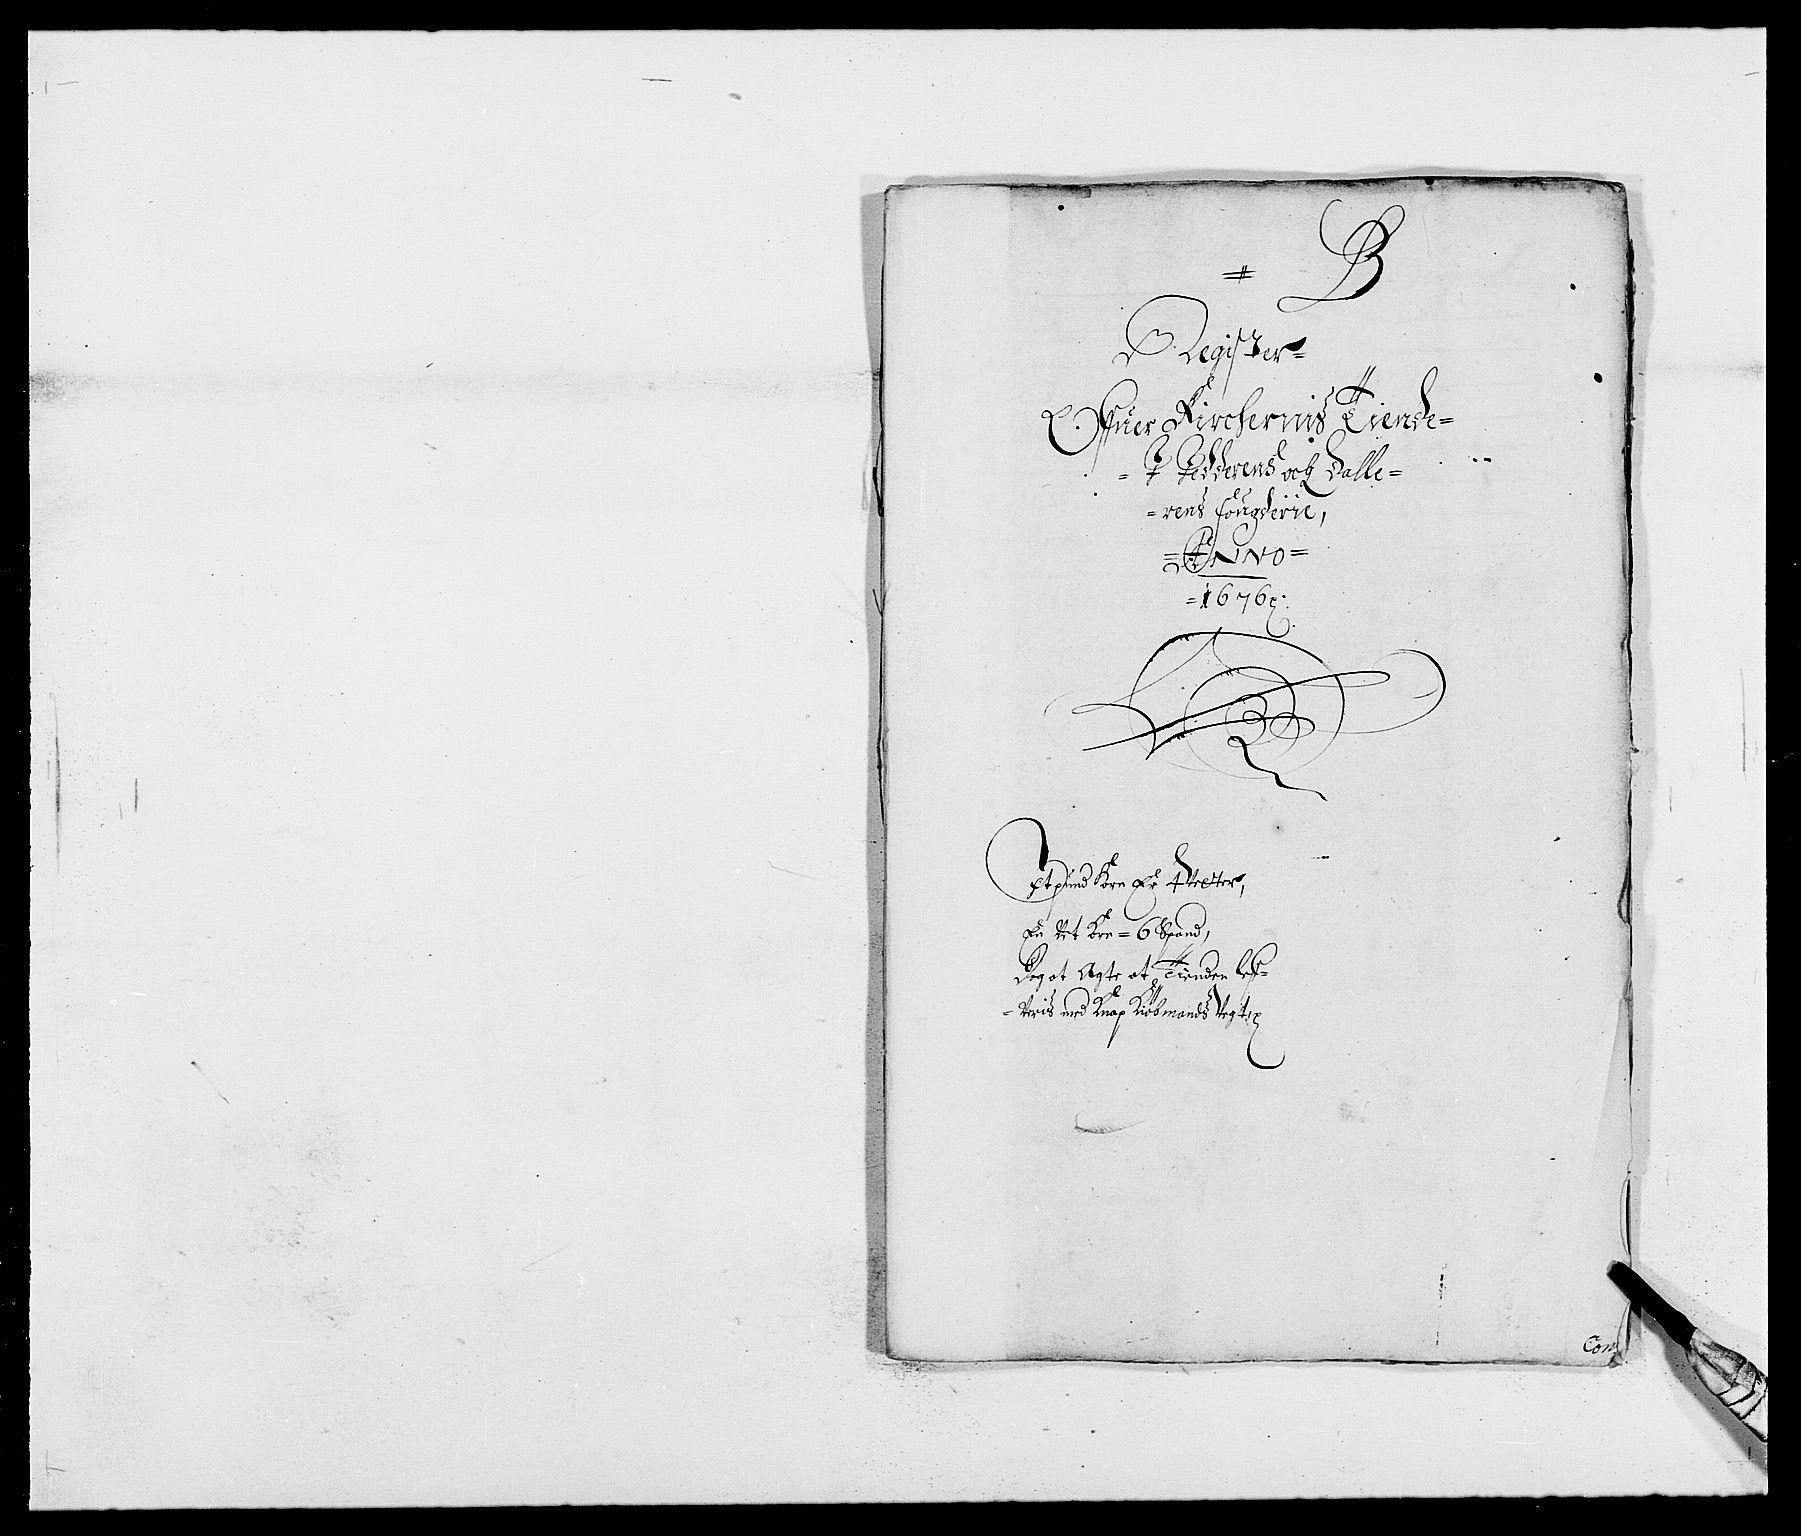 RA, Rentekammeret inntil 1814, Reviderte regnskaper, Fogderegnskap, R46/L2716: Fogderegnskap Jæren og Dalane, 1676, s. 50